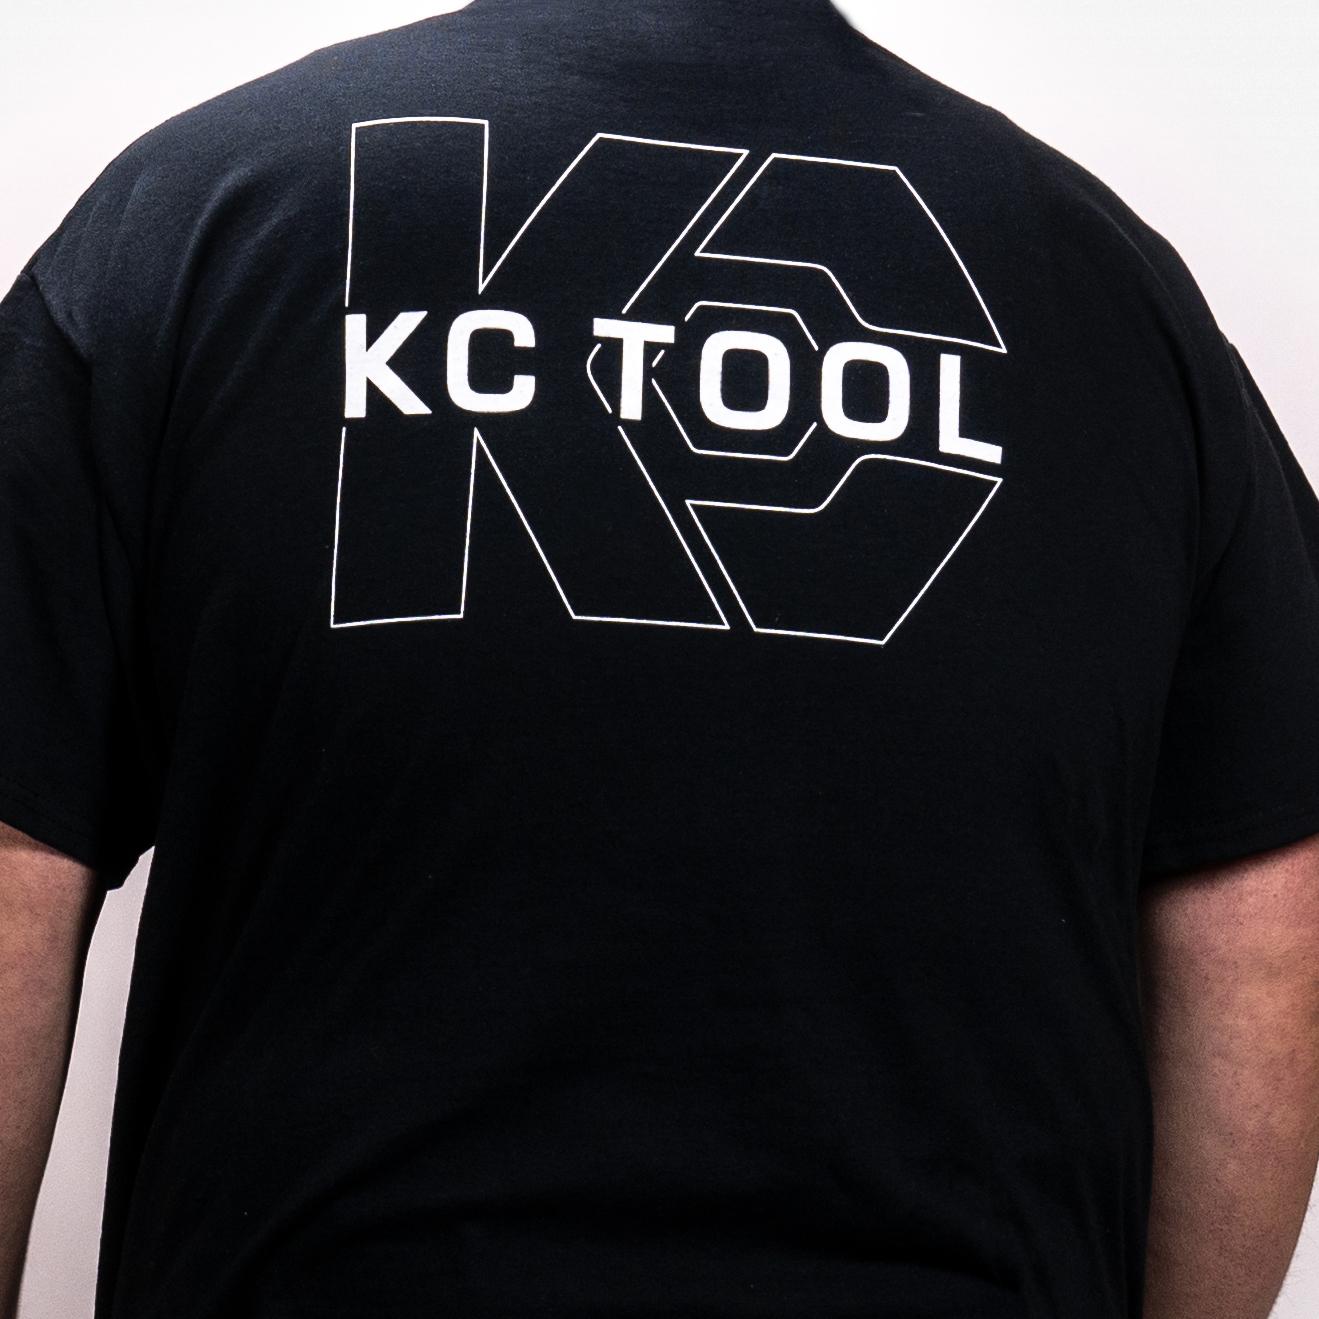 KC TOOL T-shirt - KC Tool